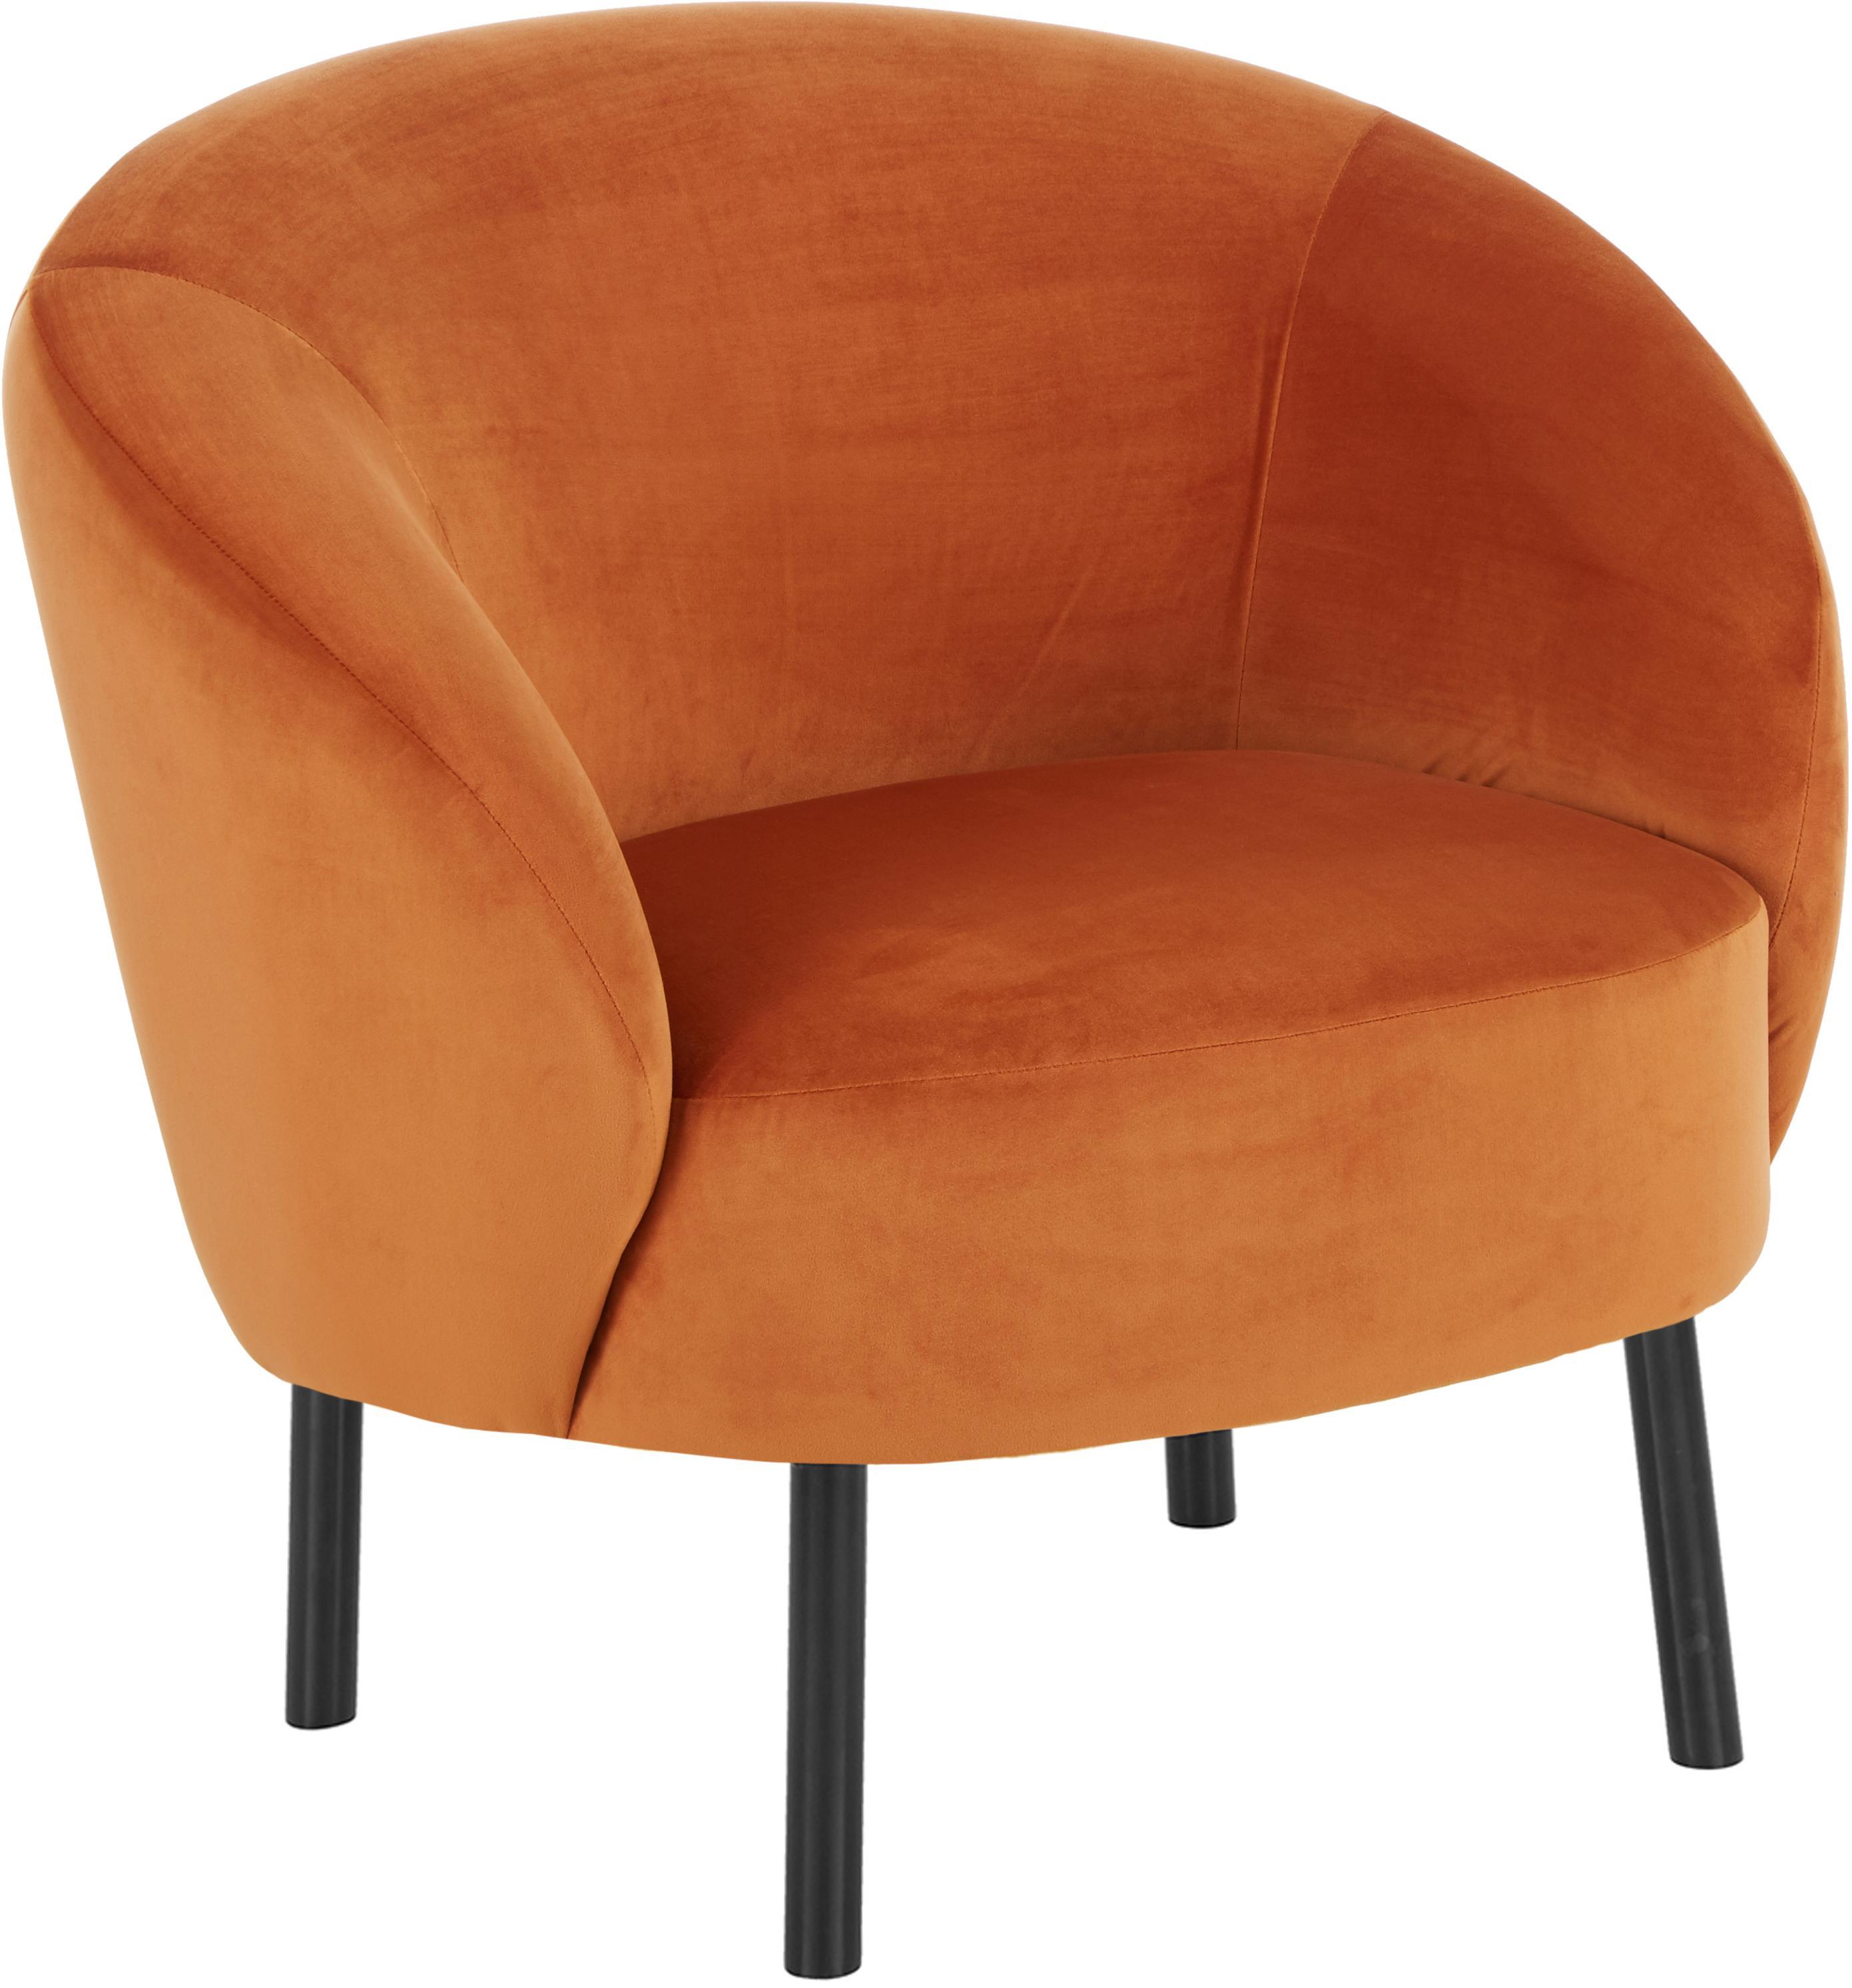 Fluwelen fauteuil Freja, Bekleding: fluweel (polyester), Poten: gepoedercoat metaal, Fluweel oranje, B 65 x D 72 cm